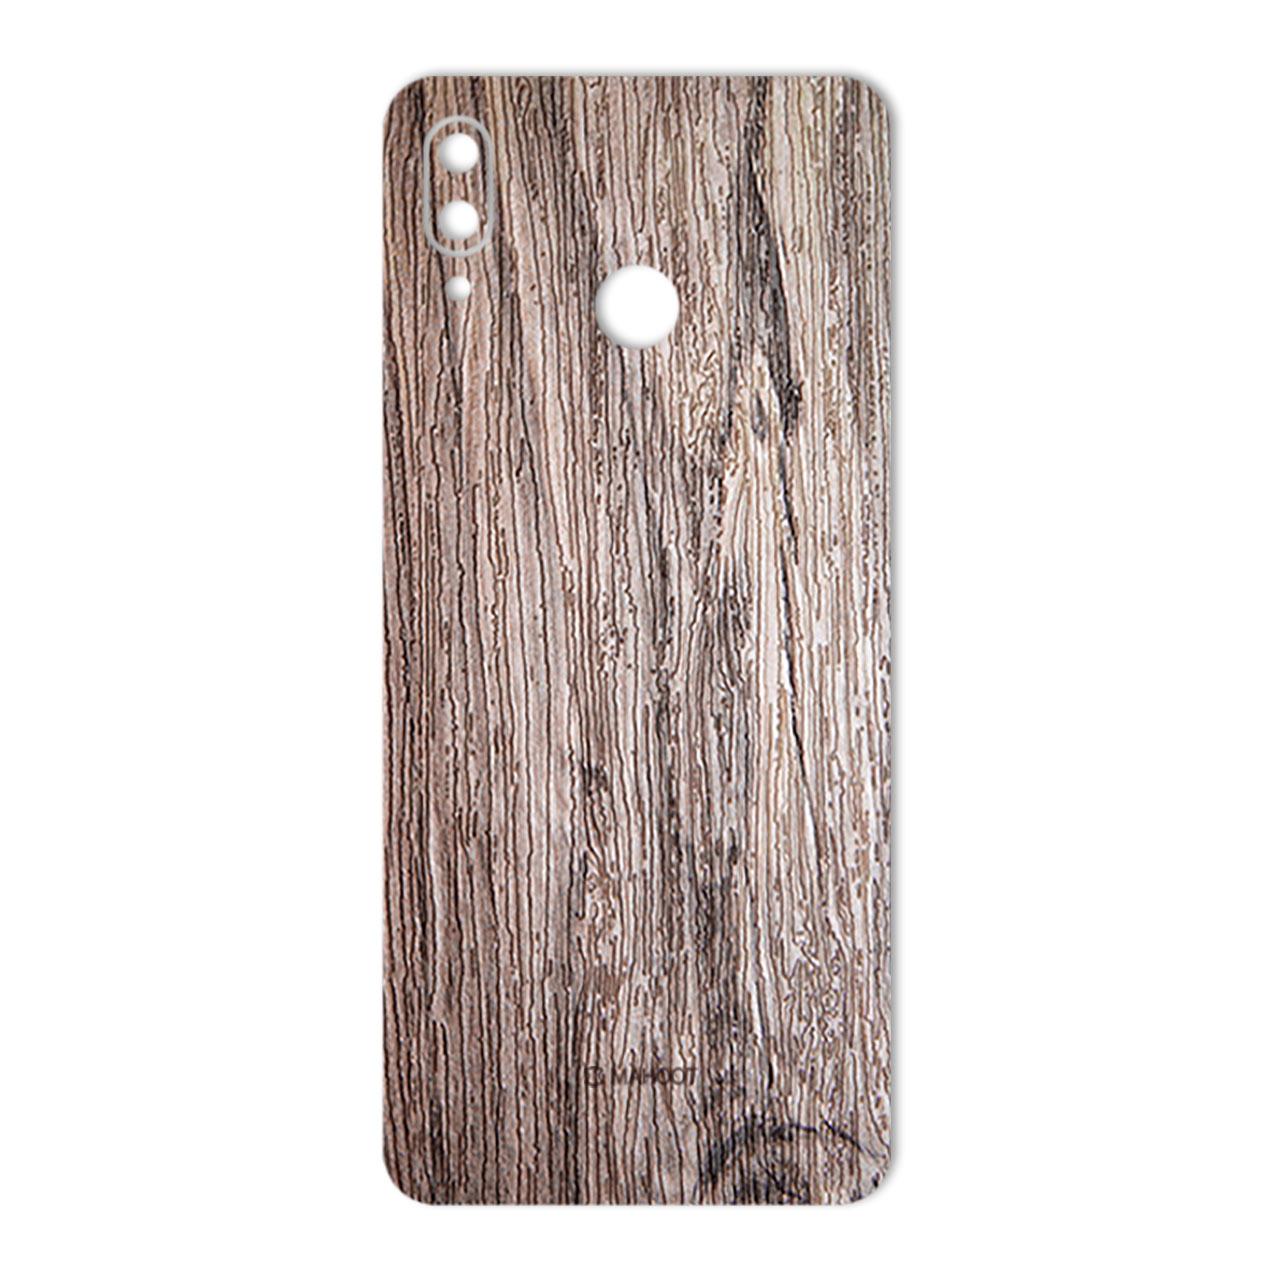 برچسب پوششی ماهوت مدل Walnut Texture مناسب برای گوشی   HUAWEI HONOR PLAY